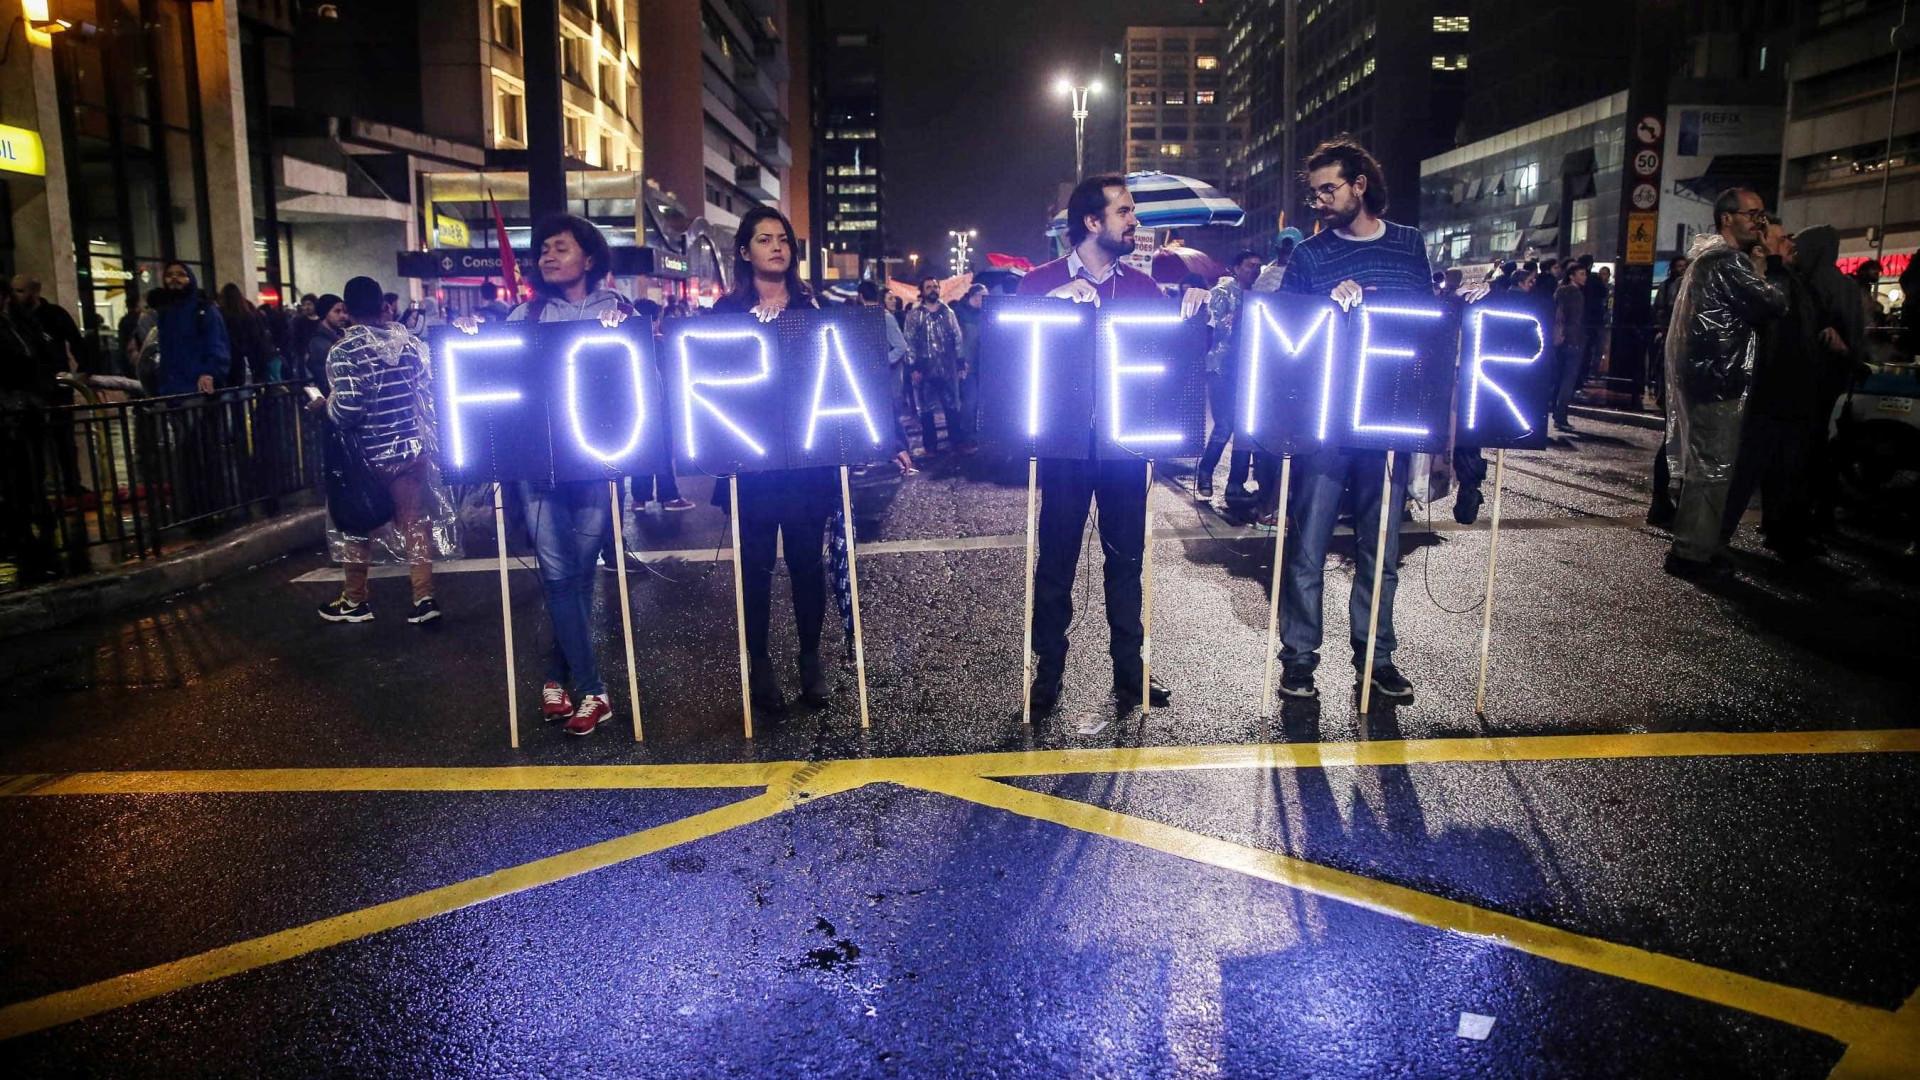 Segundo ministro brasileiro renuncia após escândalo que envolve Temer